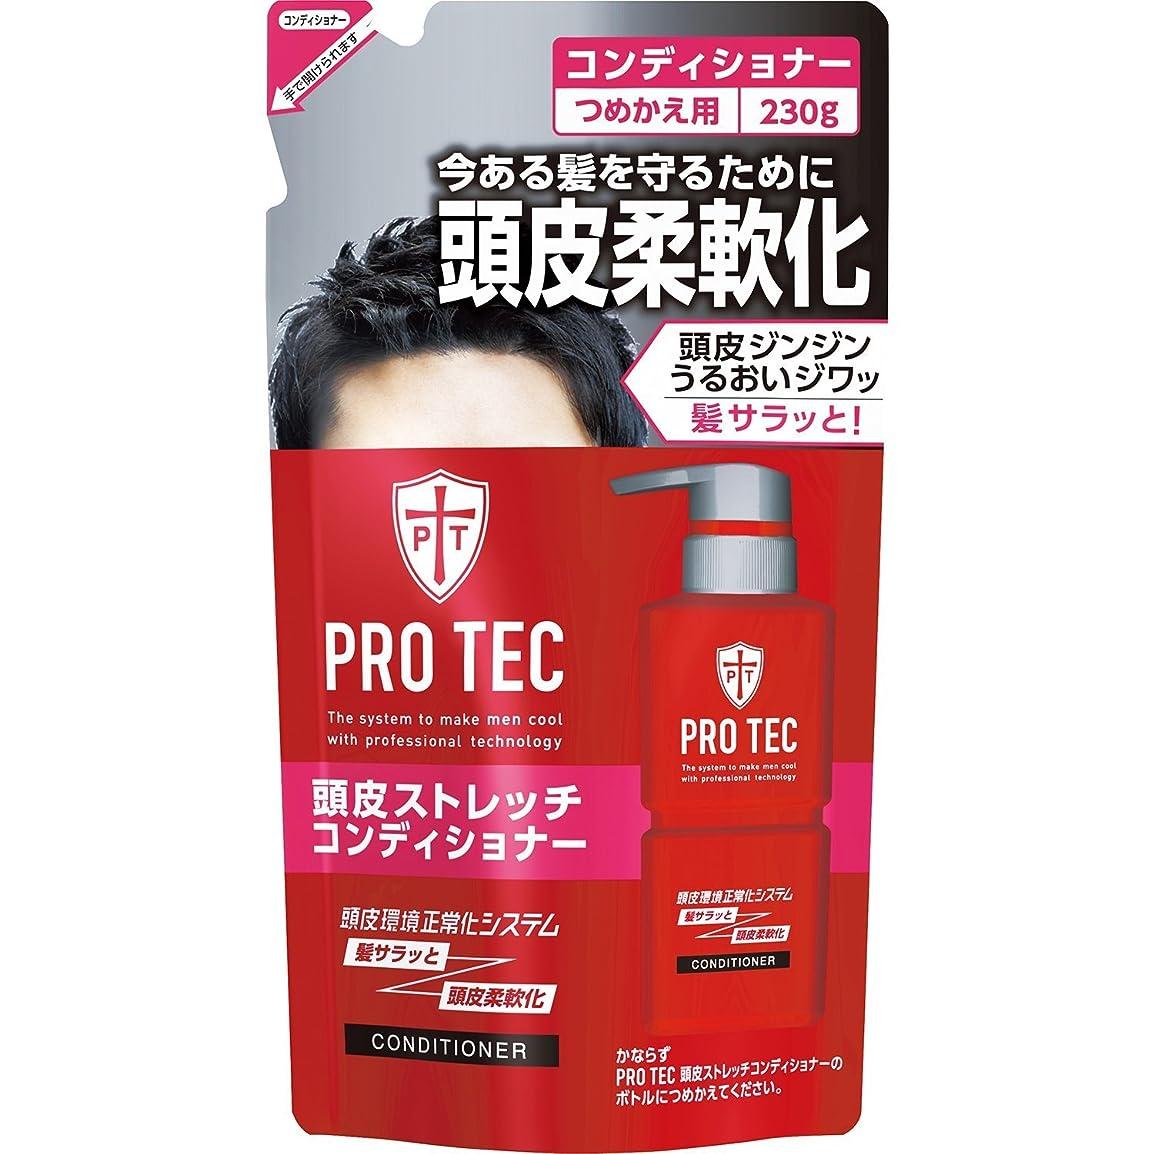 酔ってバルーンビクターPRO TEC(プロテク) 頭皮ストレッチ コンディショナー 詰め替え 230g